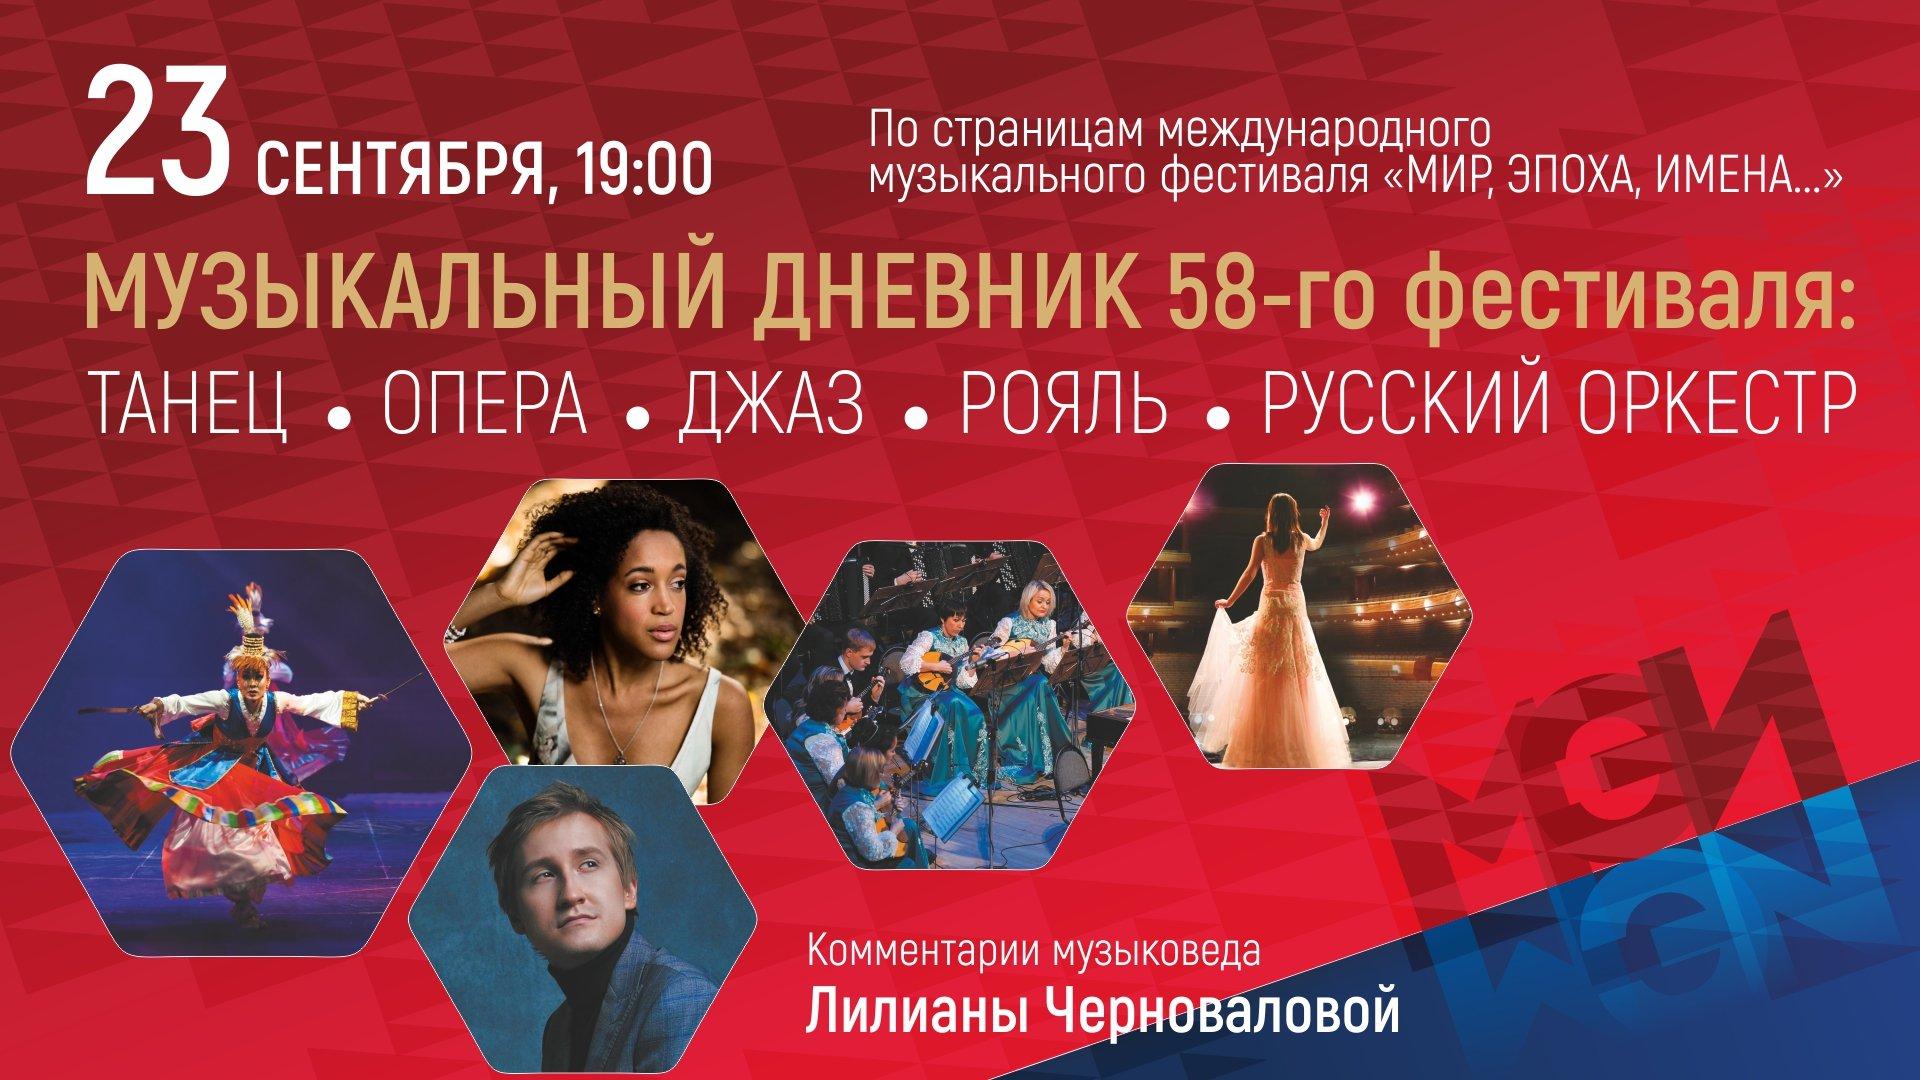 Онлайн-трансляция, посвящённая самым ярким событиям 58-го фестиваля «Мир, Эпоха, Имена»